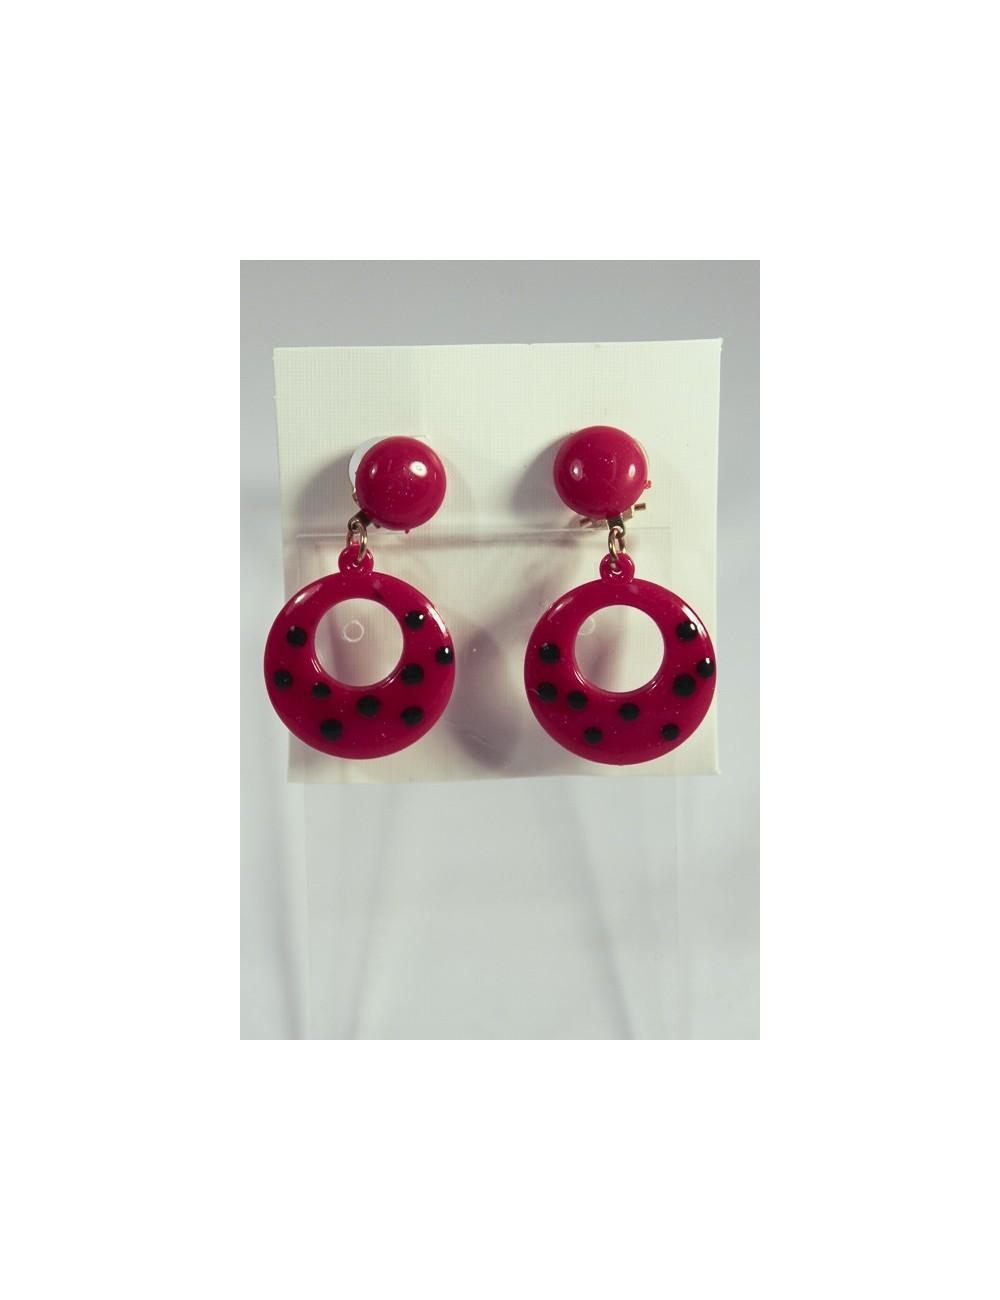 Boucles d'oreilles flamenco à clip enfants